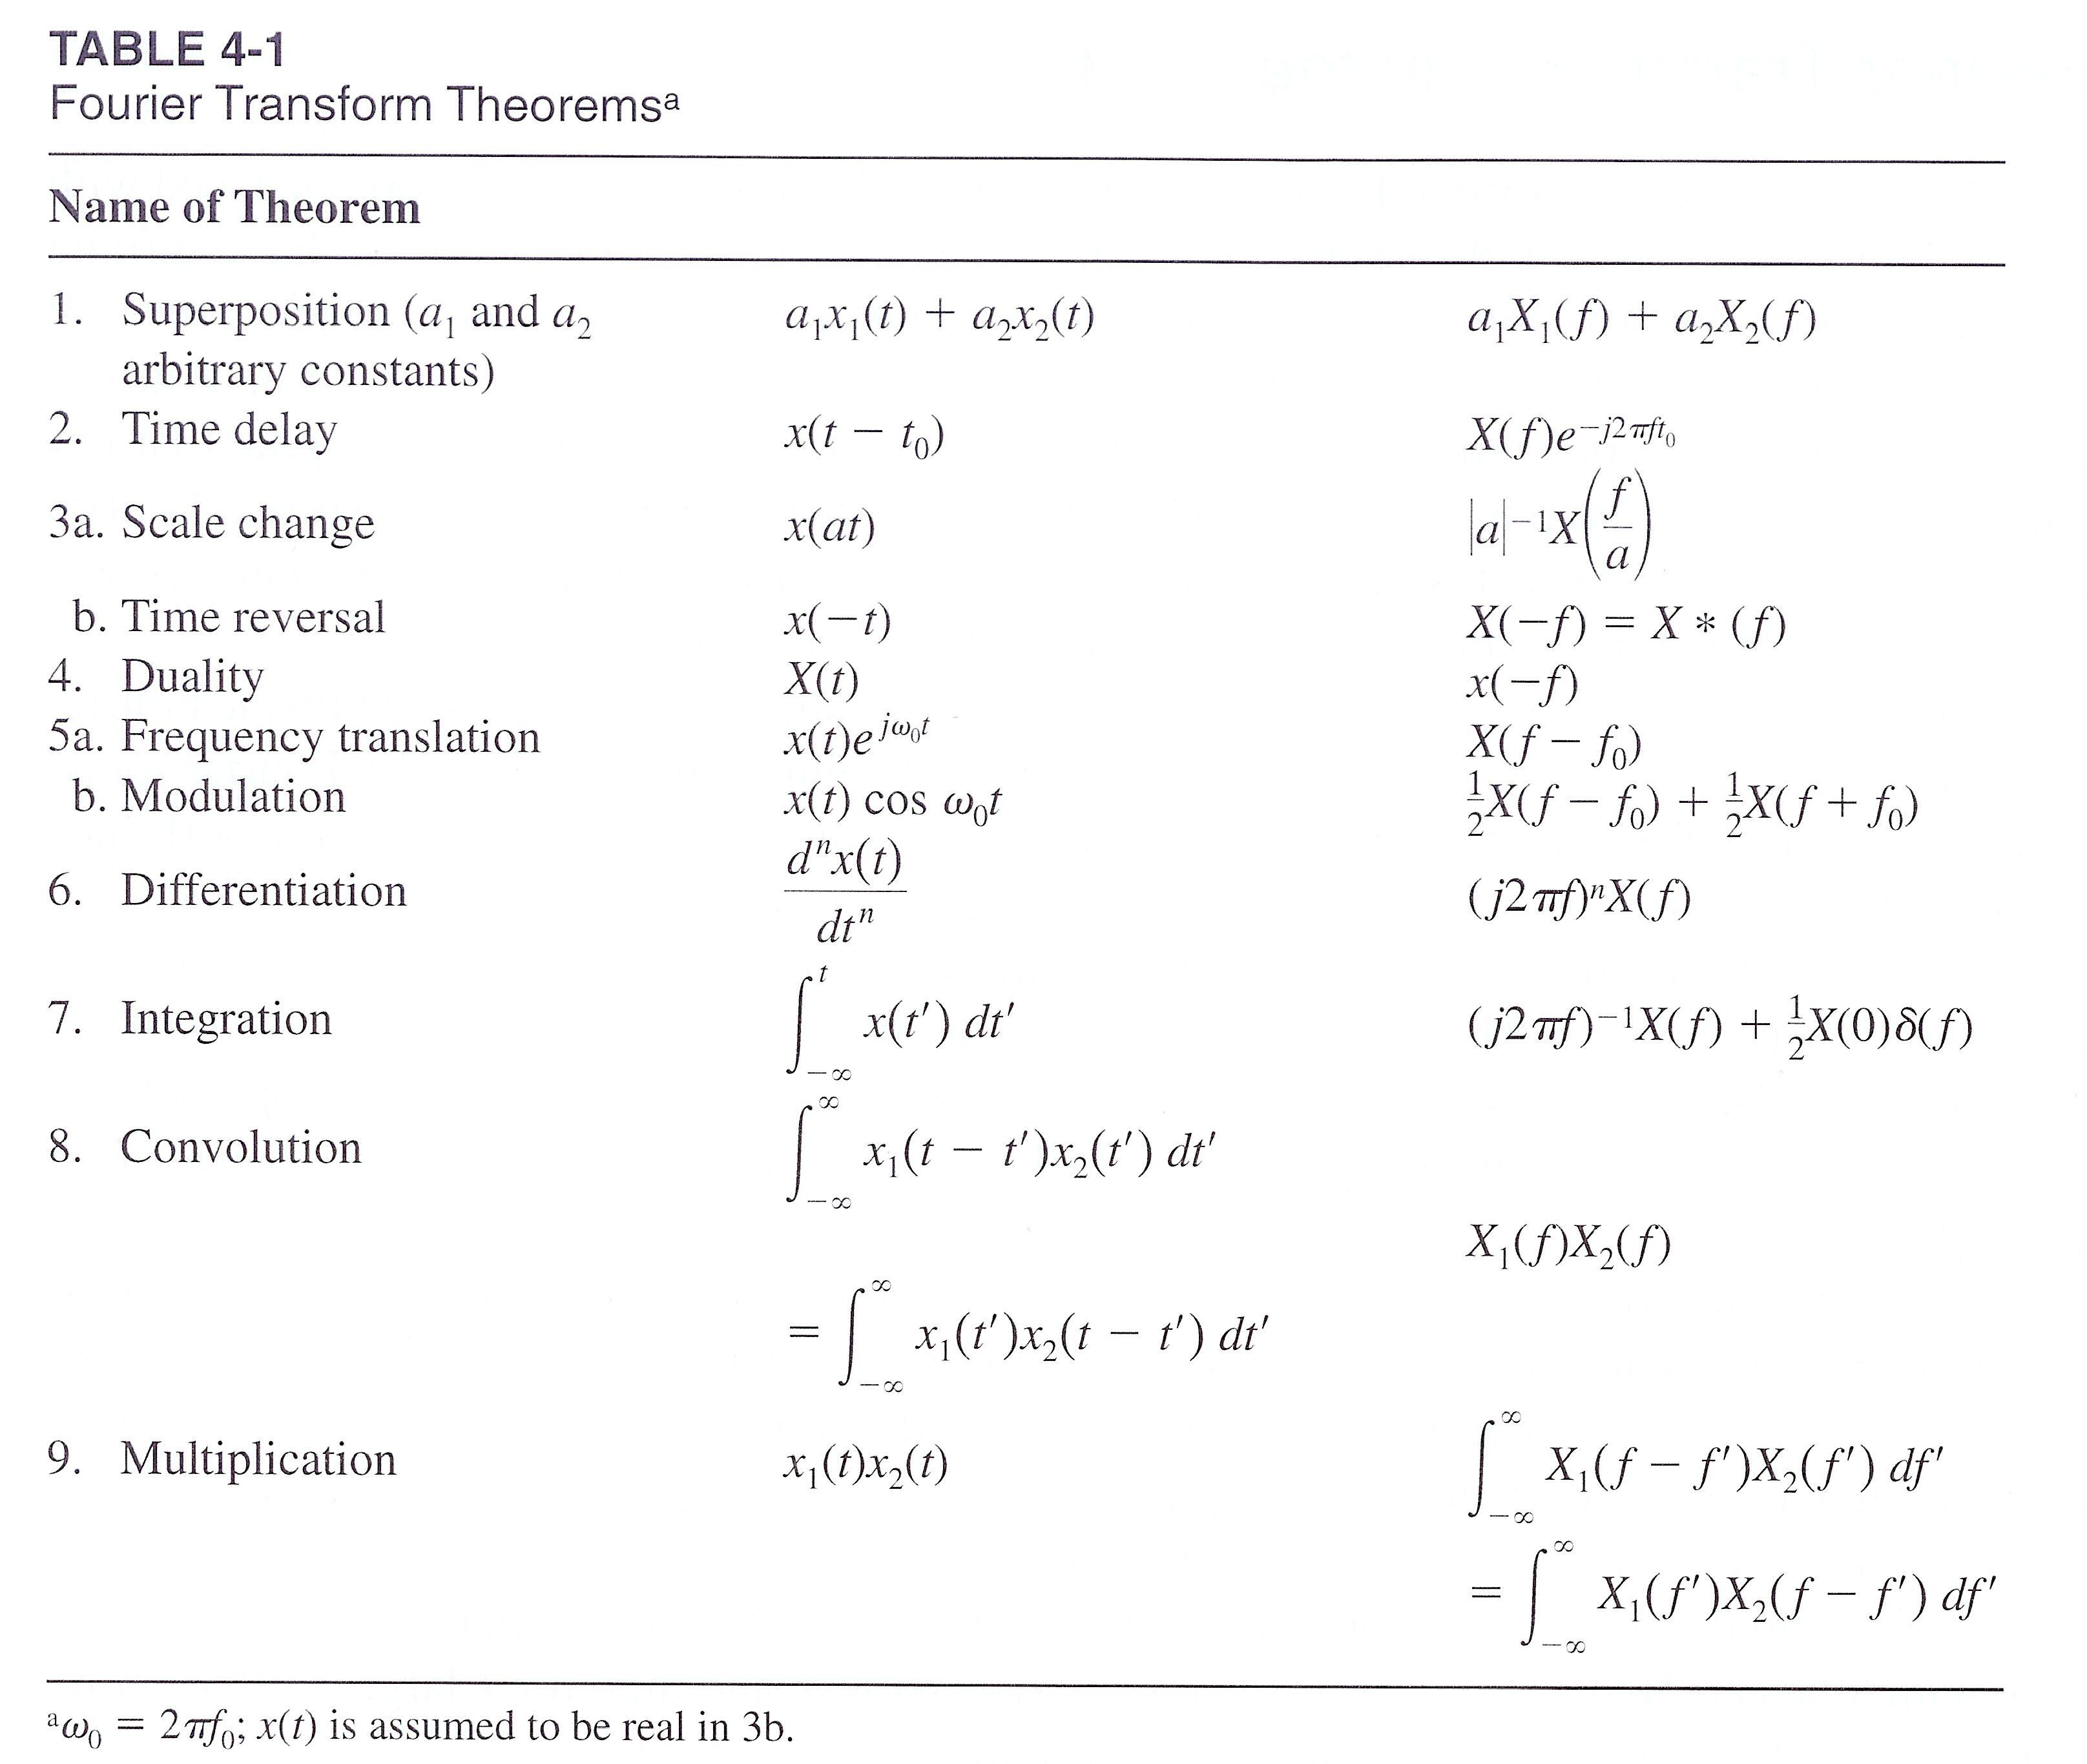 Fourier Transform Theorems